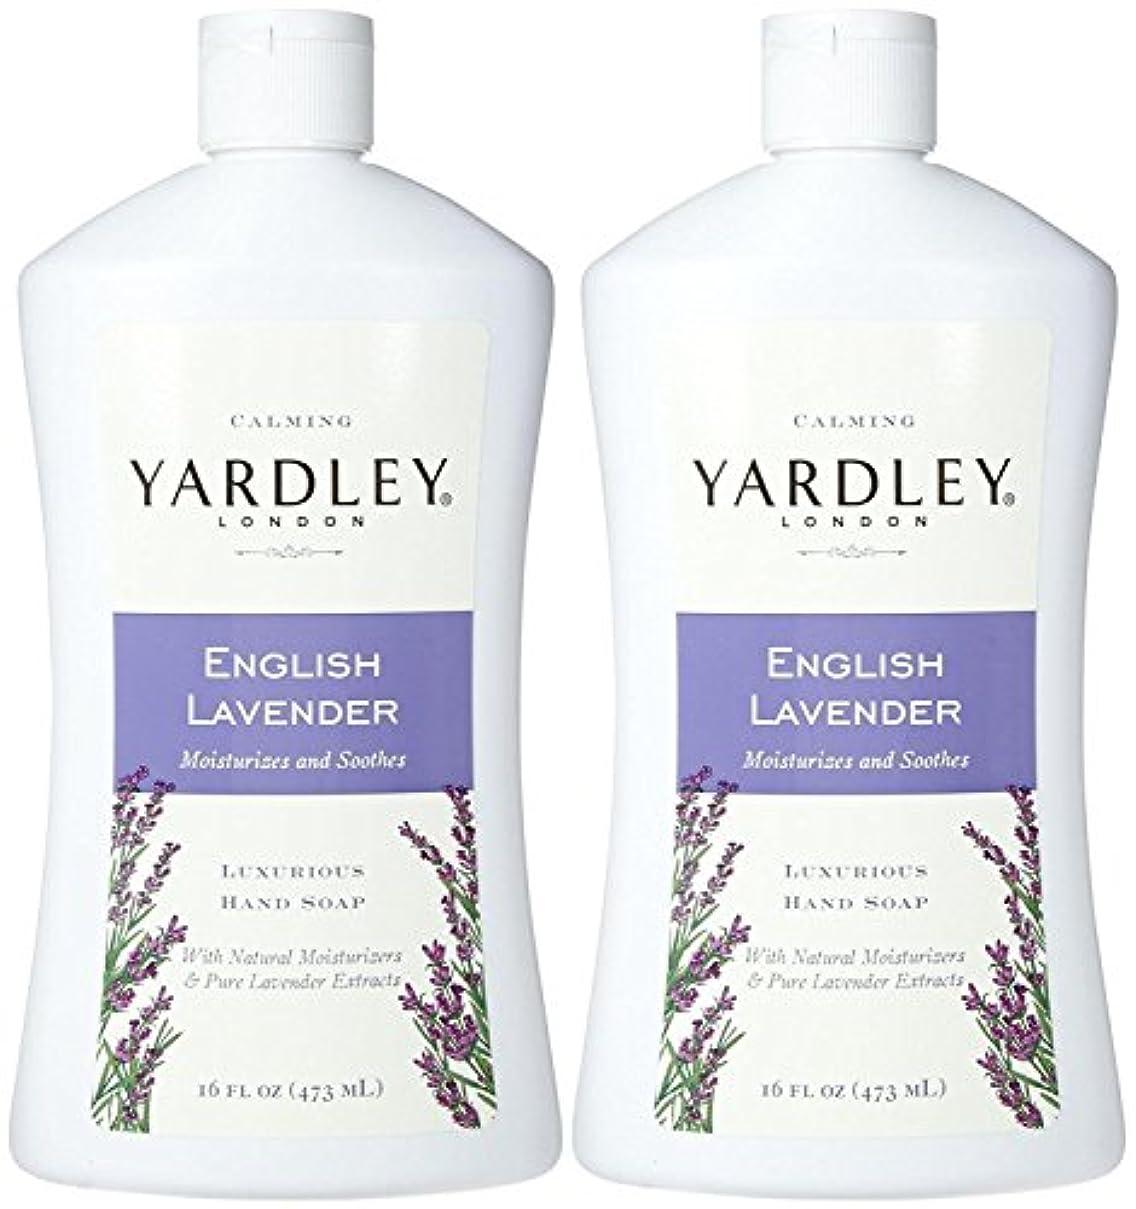 植木熱心カポックYardley London Liquid Hand Soap - English Lavender - 16 oz - 2 pk by Yardley London [並行輸入品]